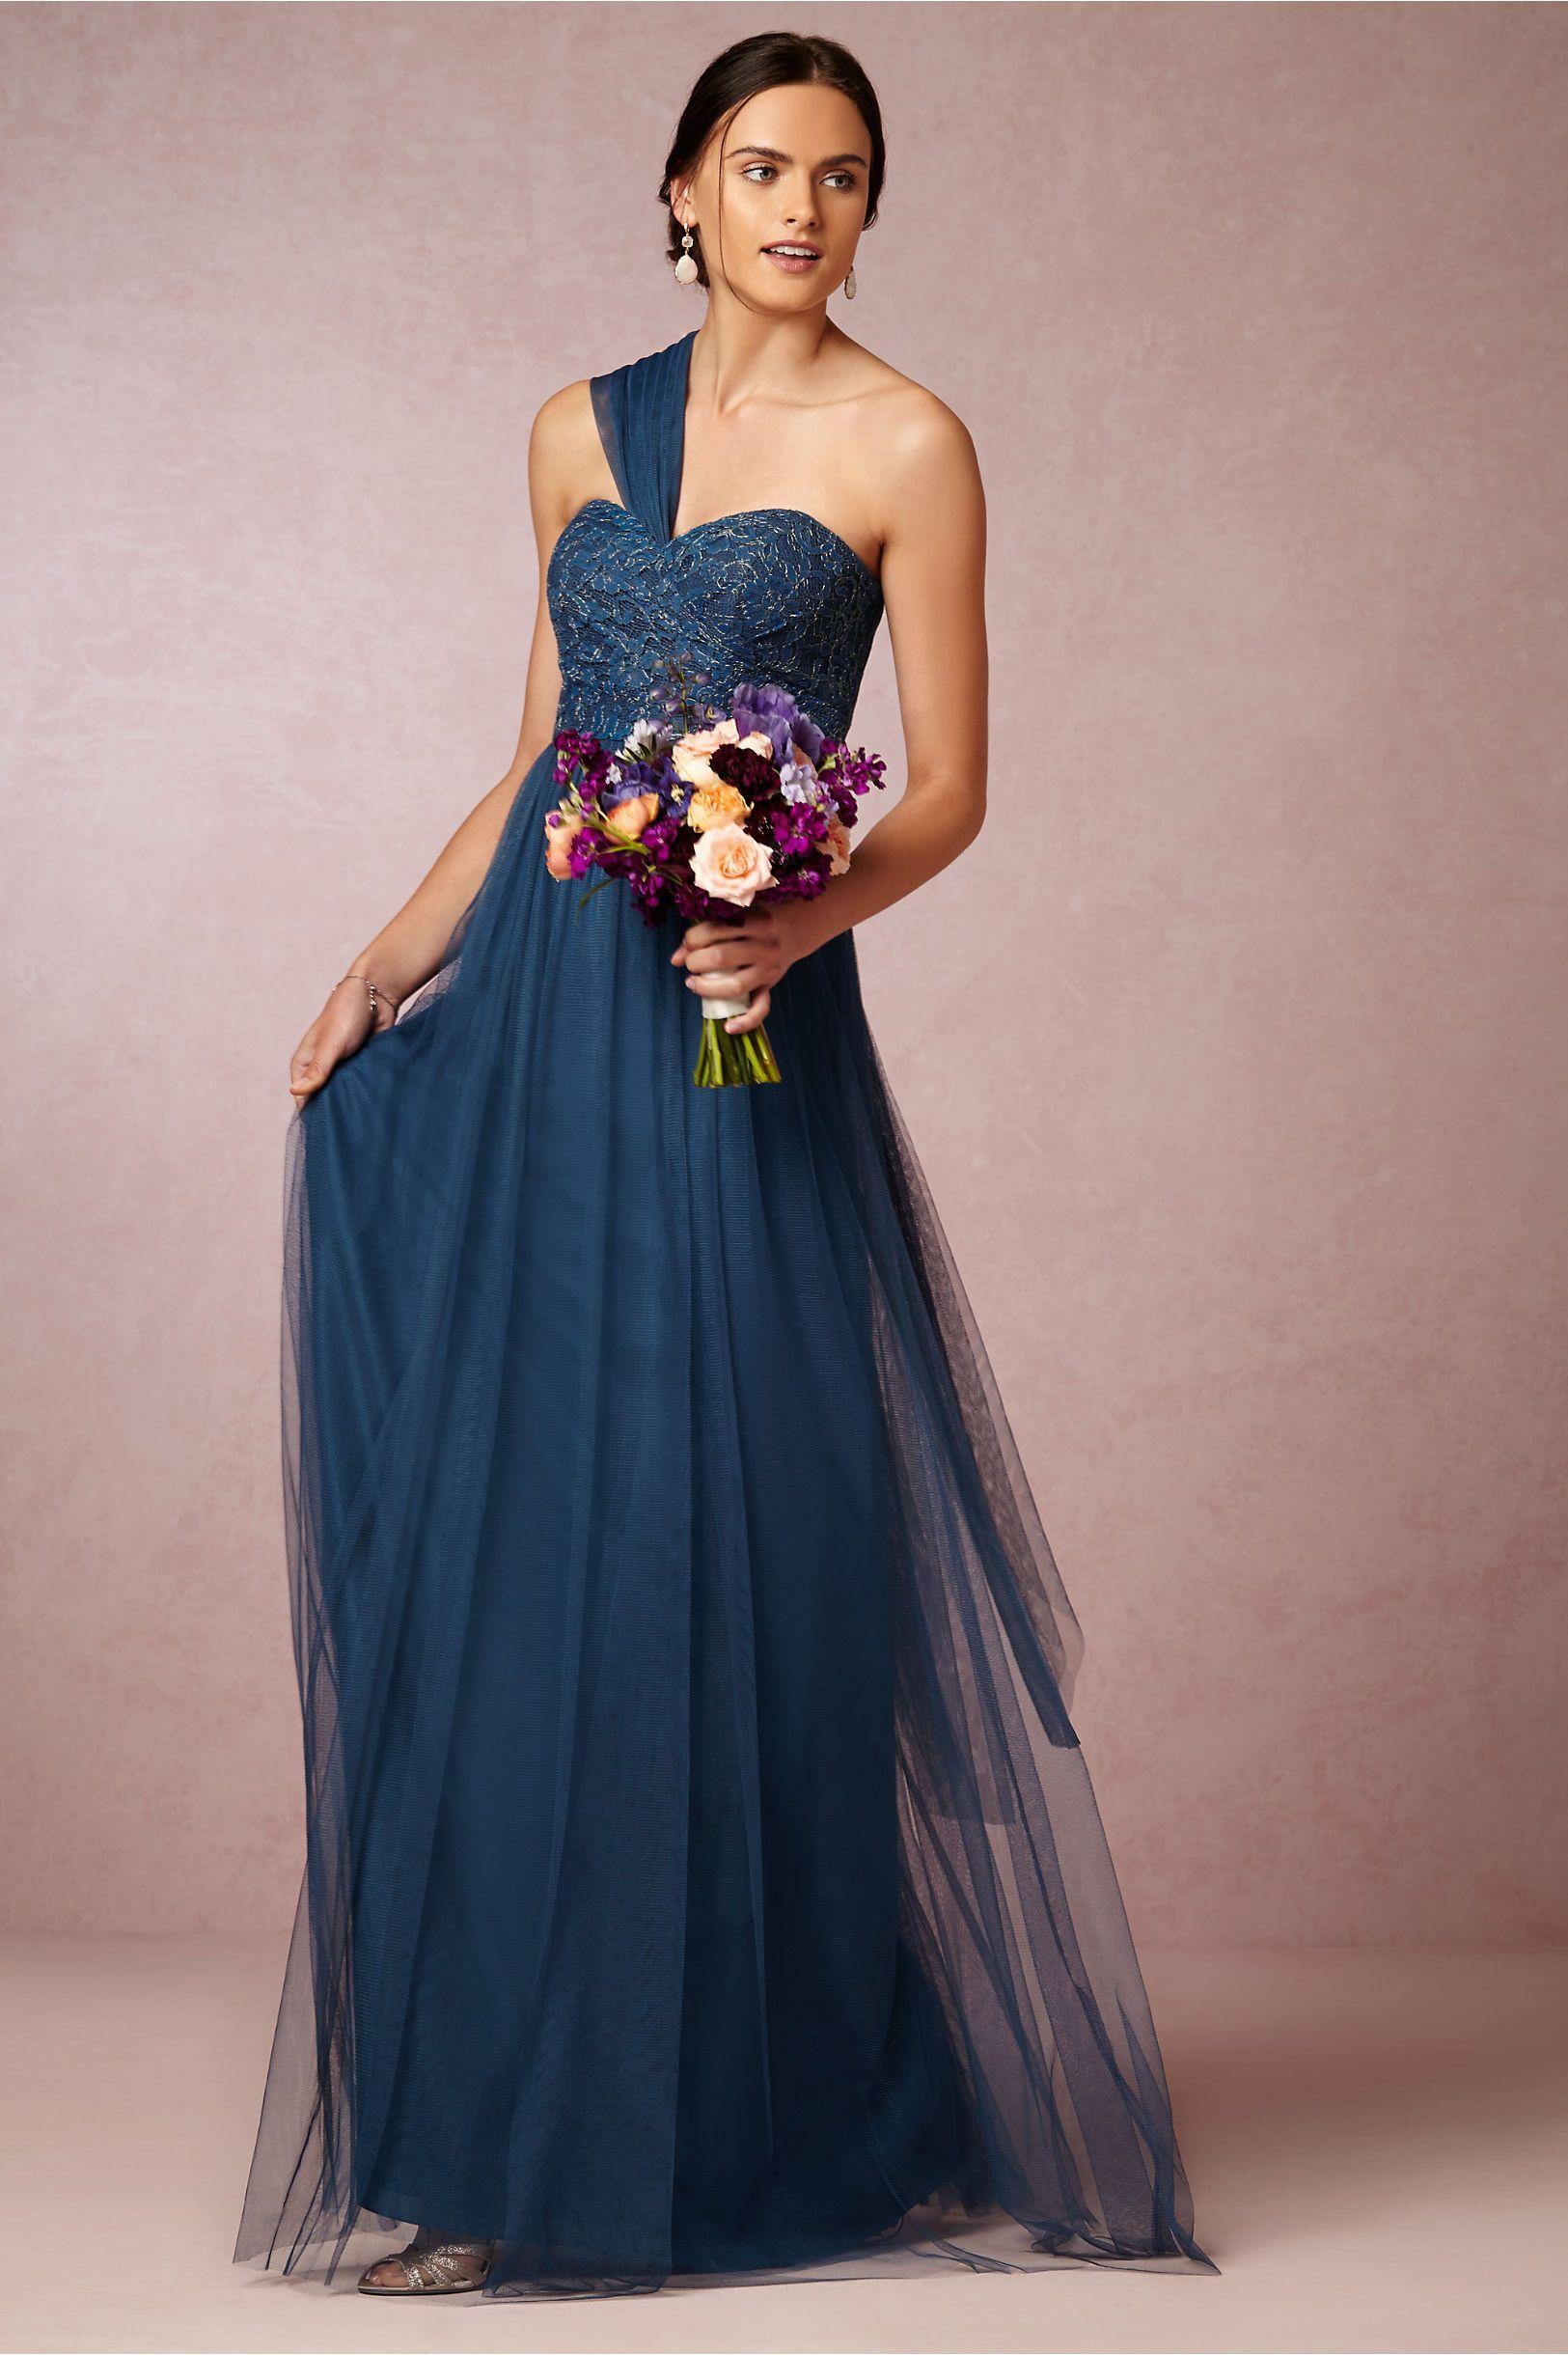 Juliette bridesmaids dress in lapis blue by jenny yoo a bhldn juliette bridesmaids dress in lapis blue by jenny yoo a bhldn exclusive ombrellifo Images